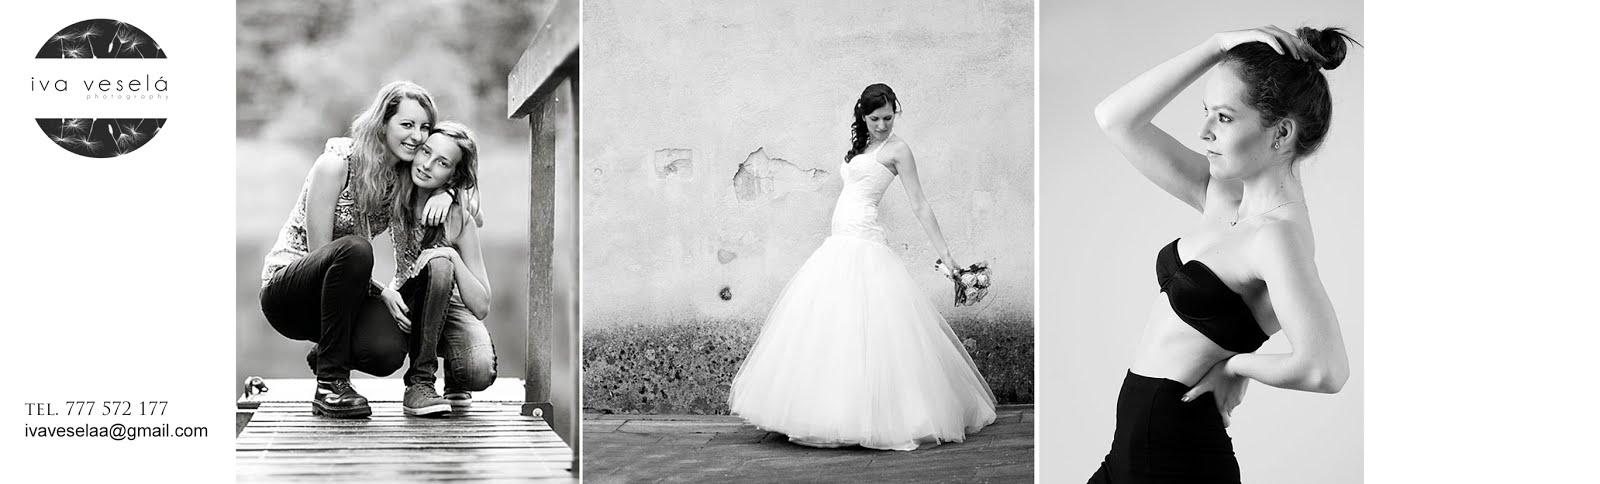 Svatební fotografie Iva Veselá